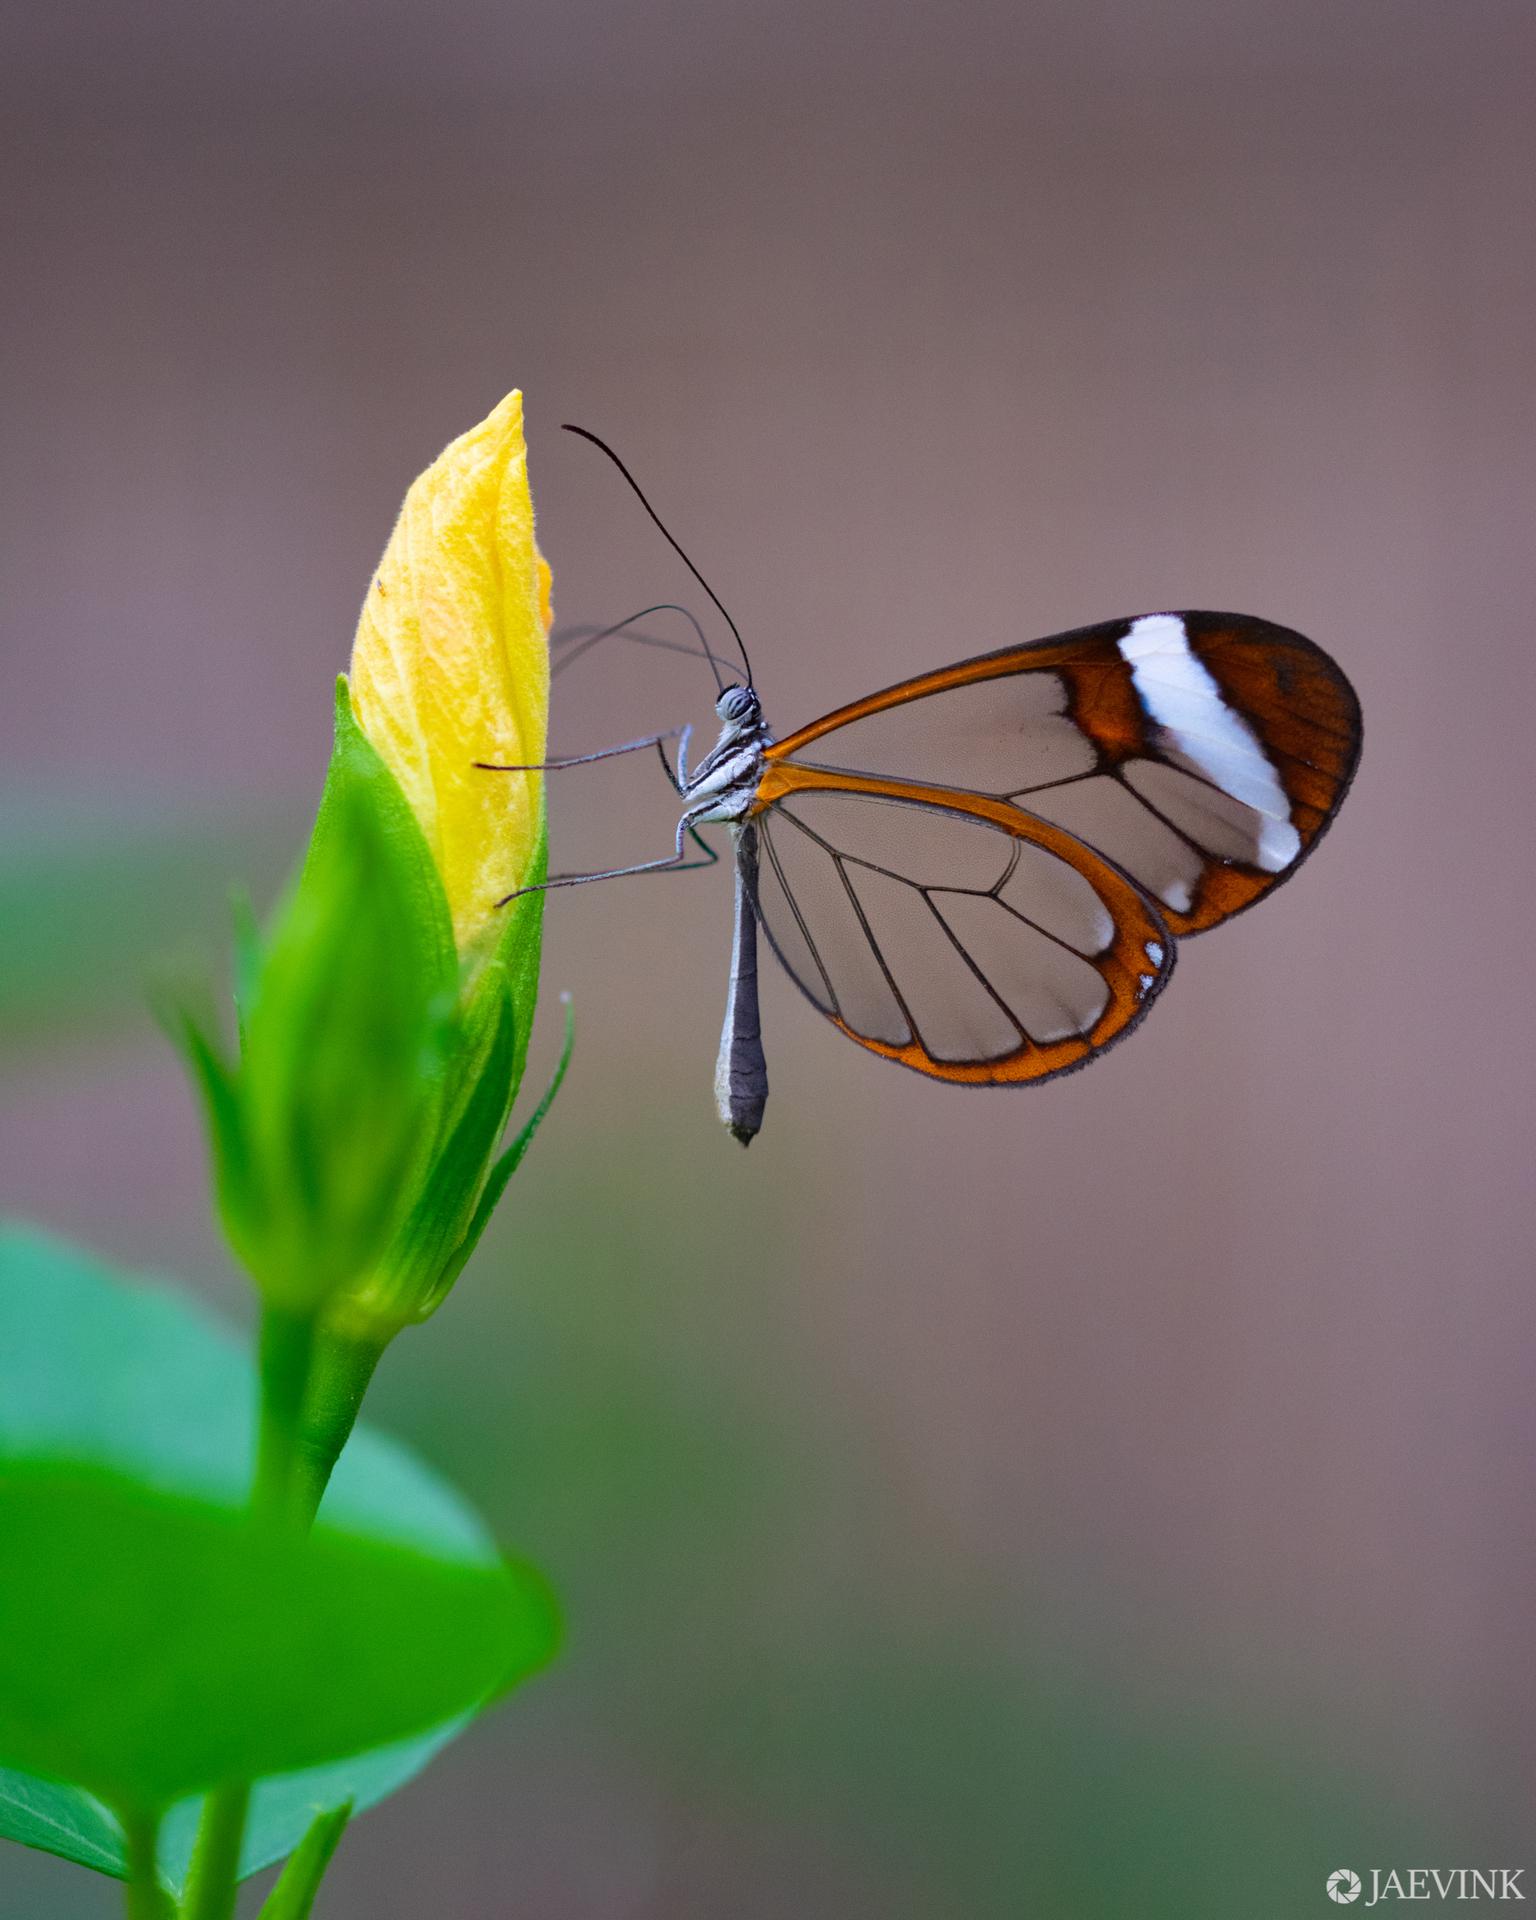 Glas - Glasbutterfly - foto door vwinke op 15-04-2021 - deze foto bevat: macro, vlinder, butterfly, glasvlinder, natuur, dieren, bestuiver, insect, geleedpotigen, vlinder, motten en vlinders, organisme, fabriek, lijn, vleugel, plaag